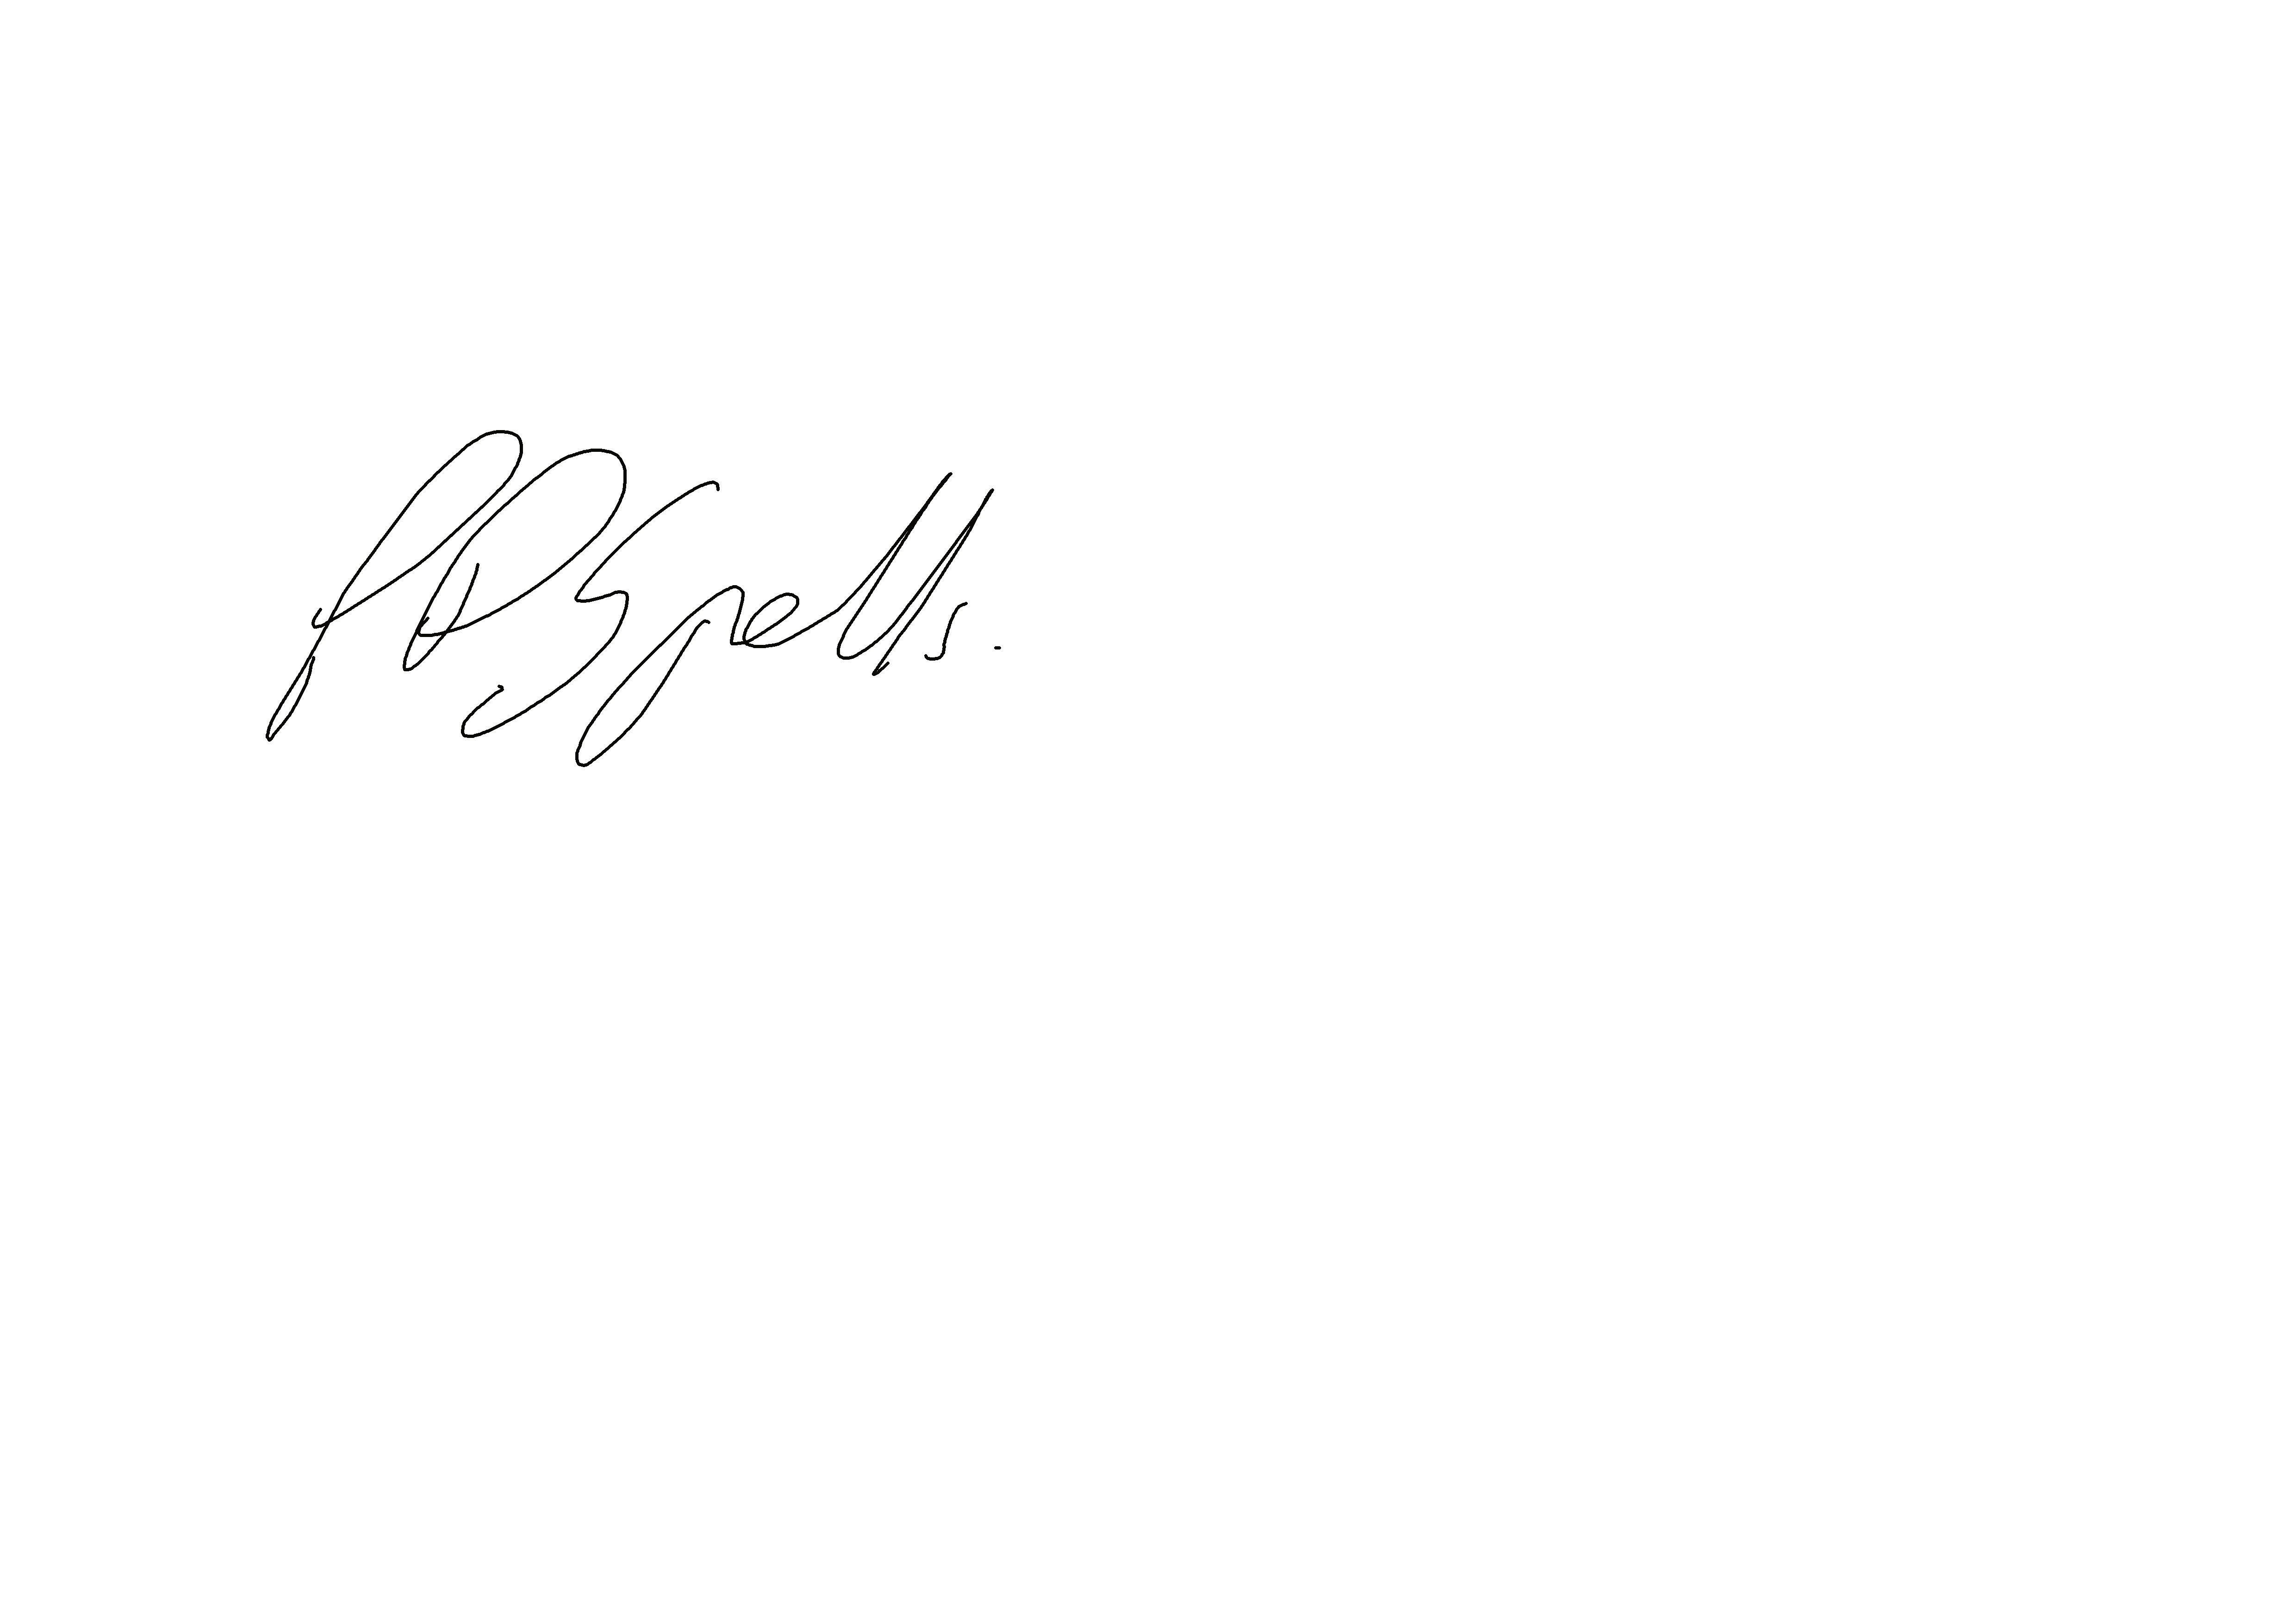 Peter Spells's Signature